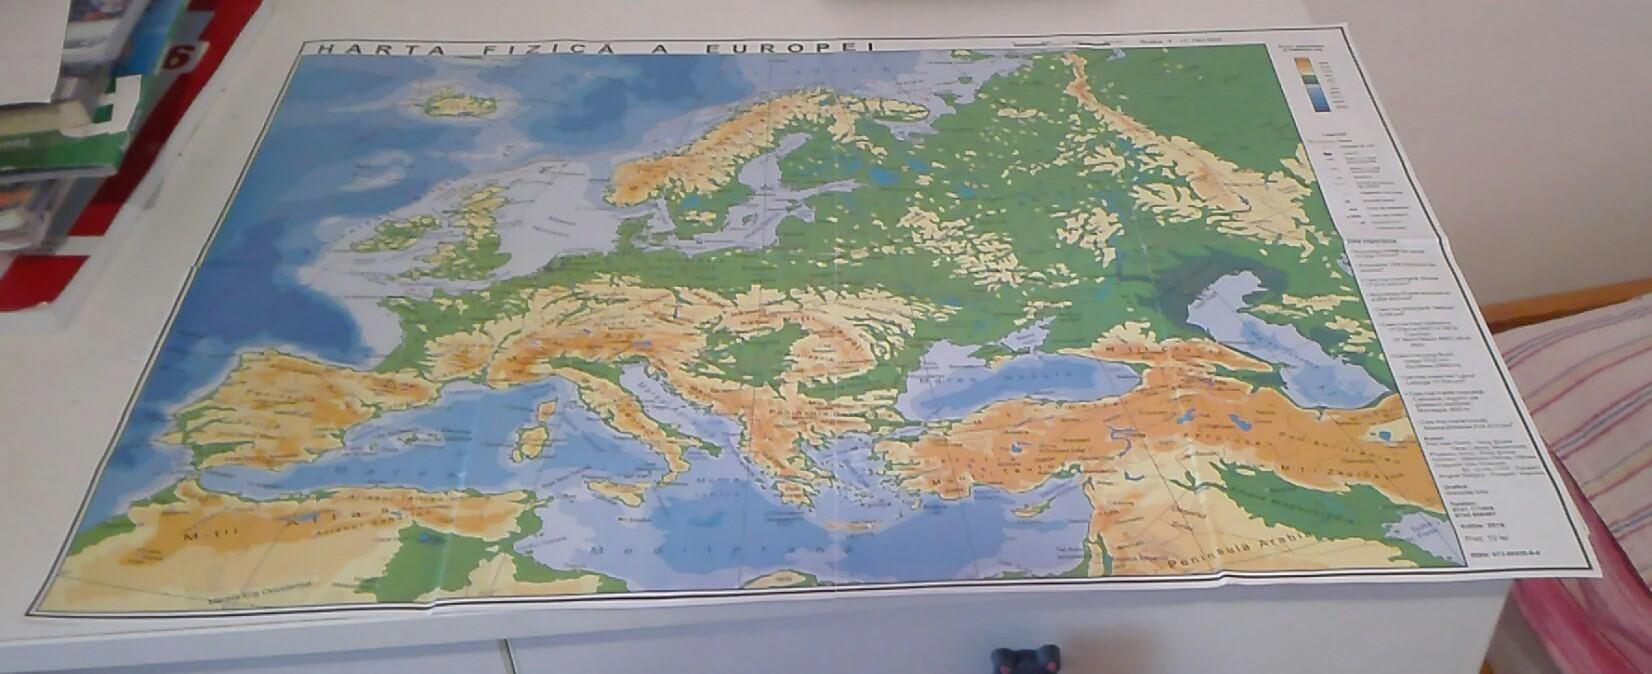 Care Sunt Unitatile De Relief Majore De Pe Harta Fizica A Europei